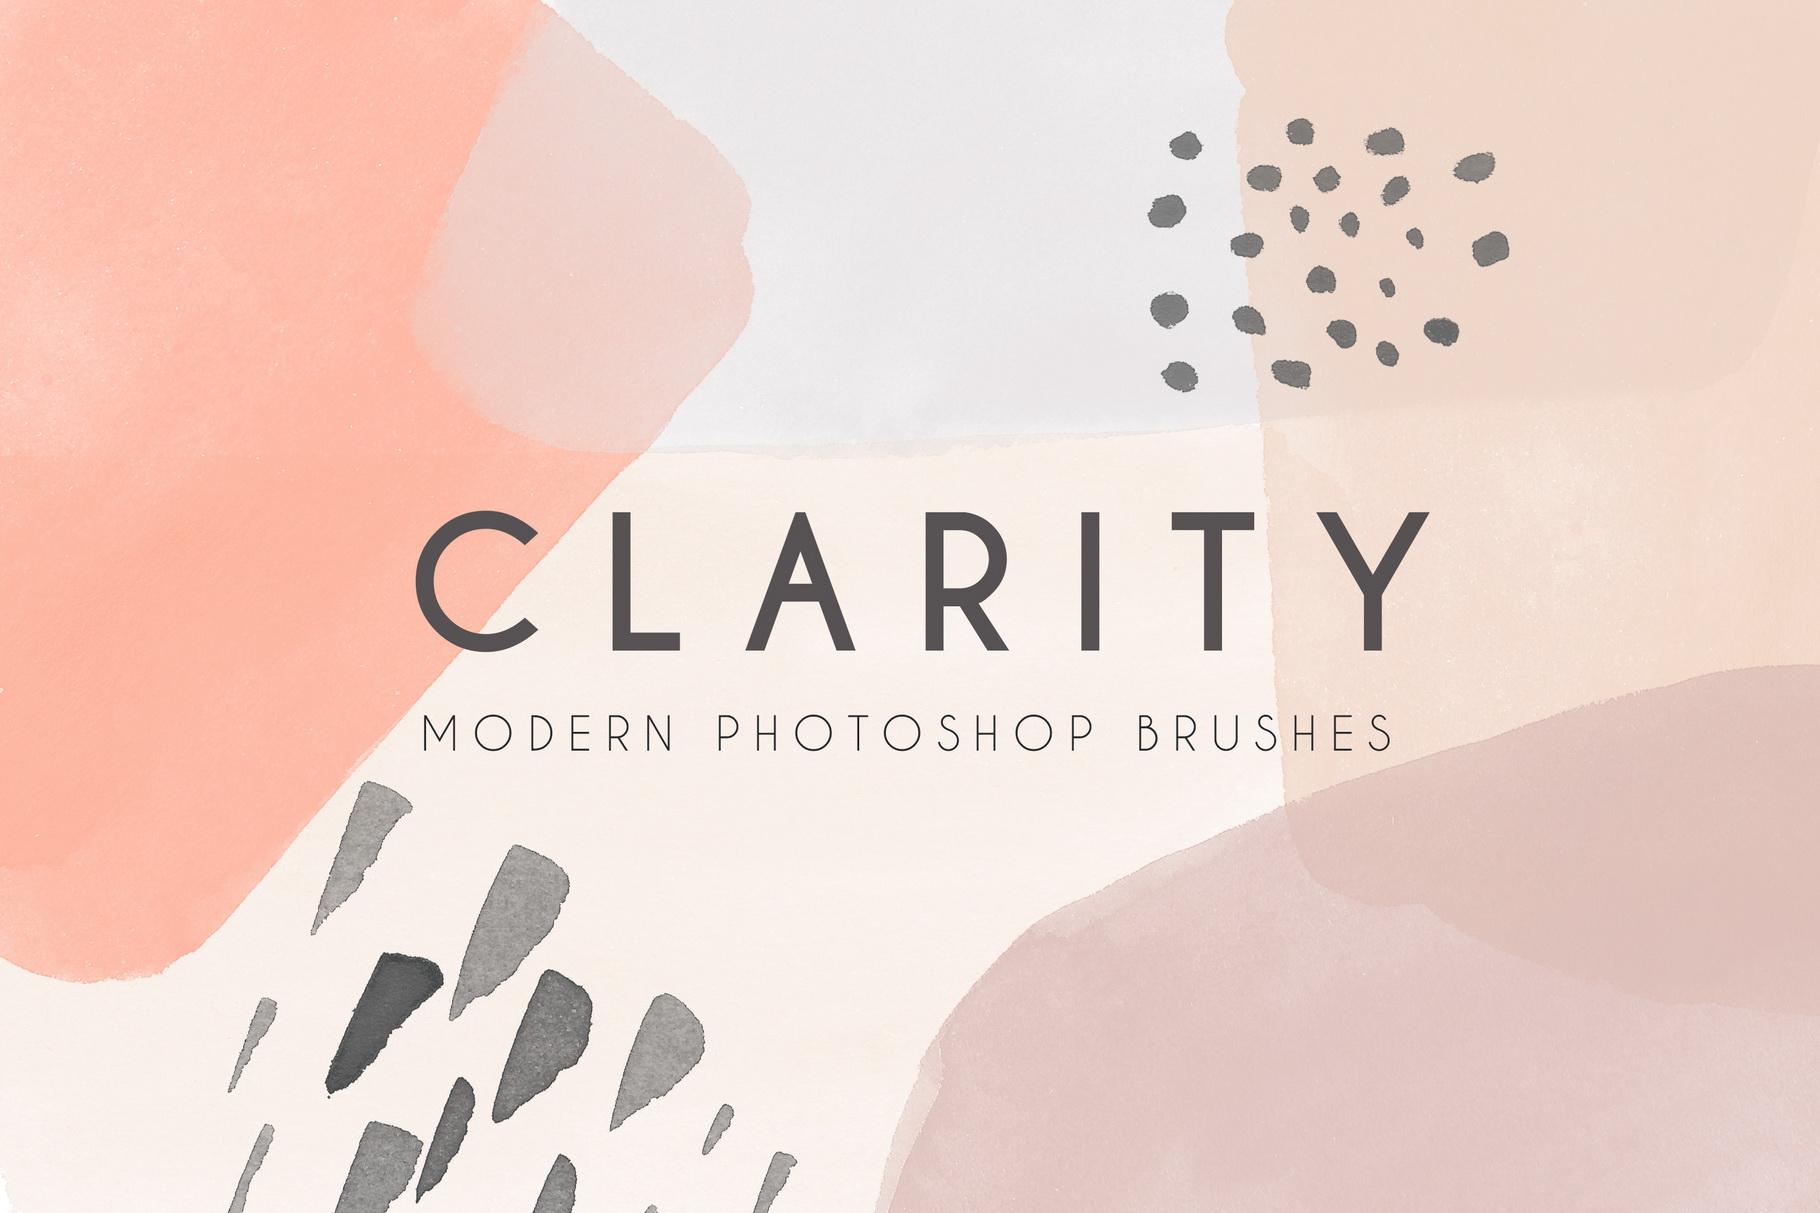 Clarity - Modern Photoshop Brushes example image 1